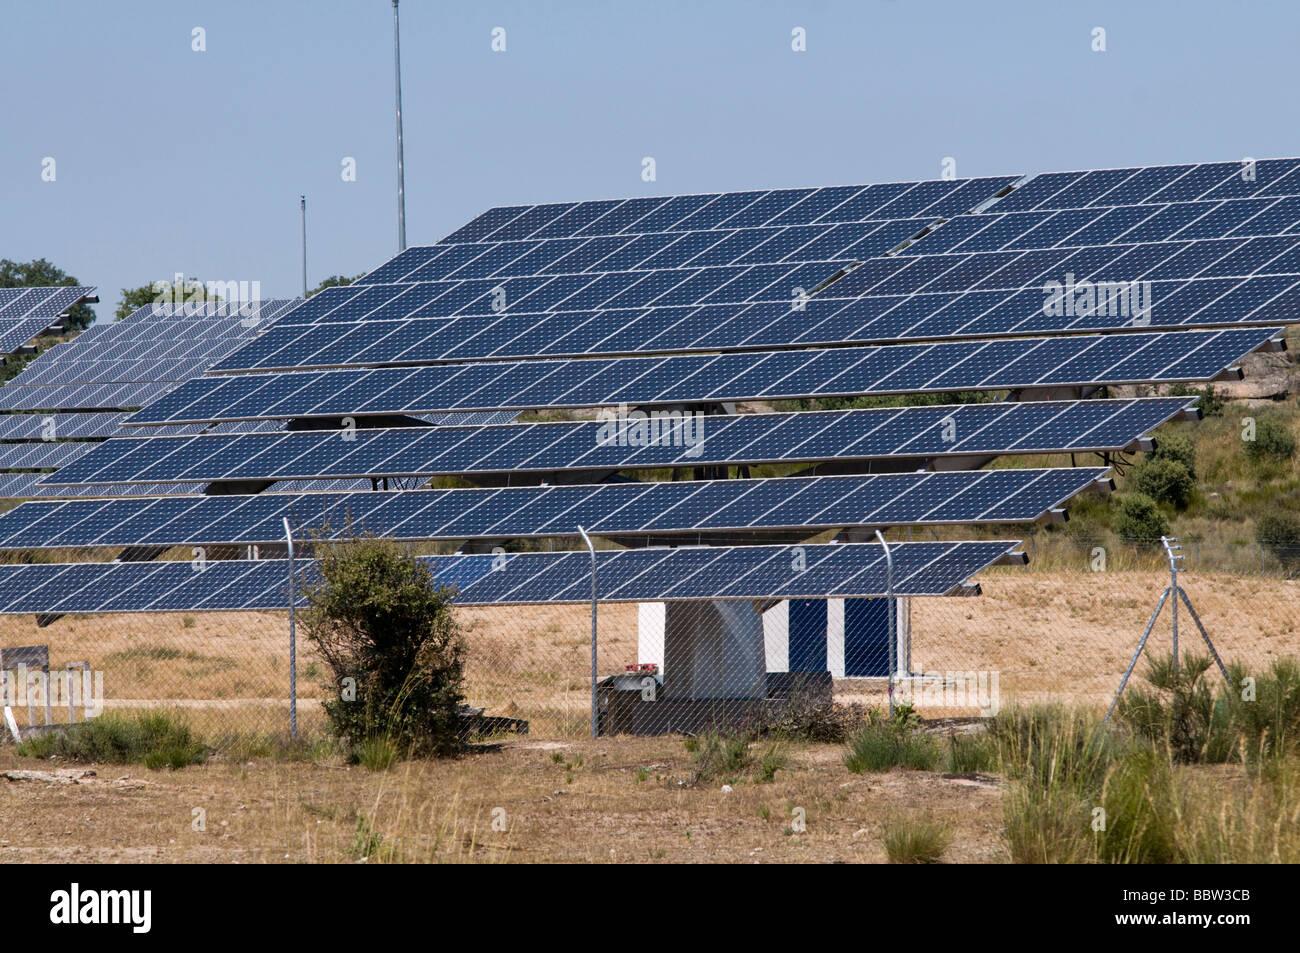 Energia solare centro nella provincia di Zamora, Spagna Immagini Stock